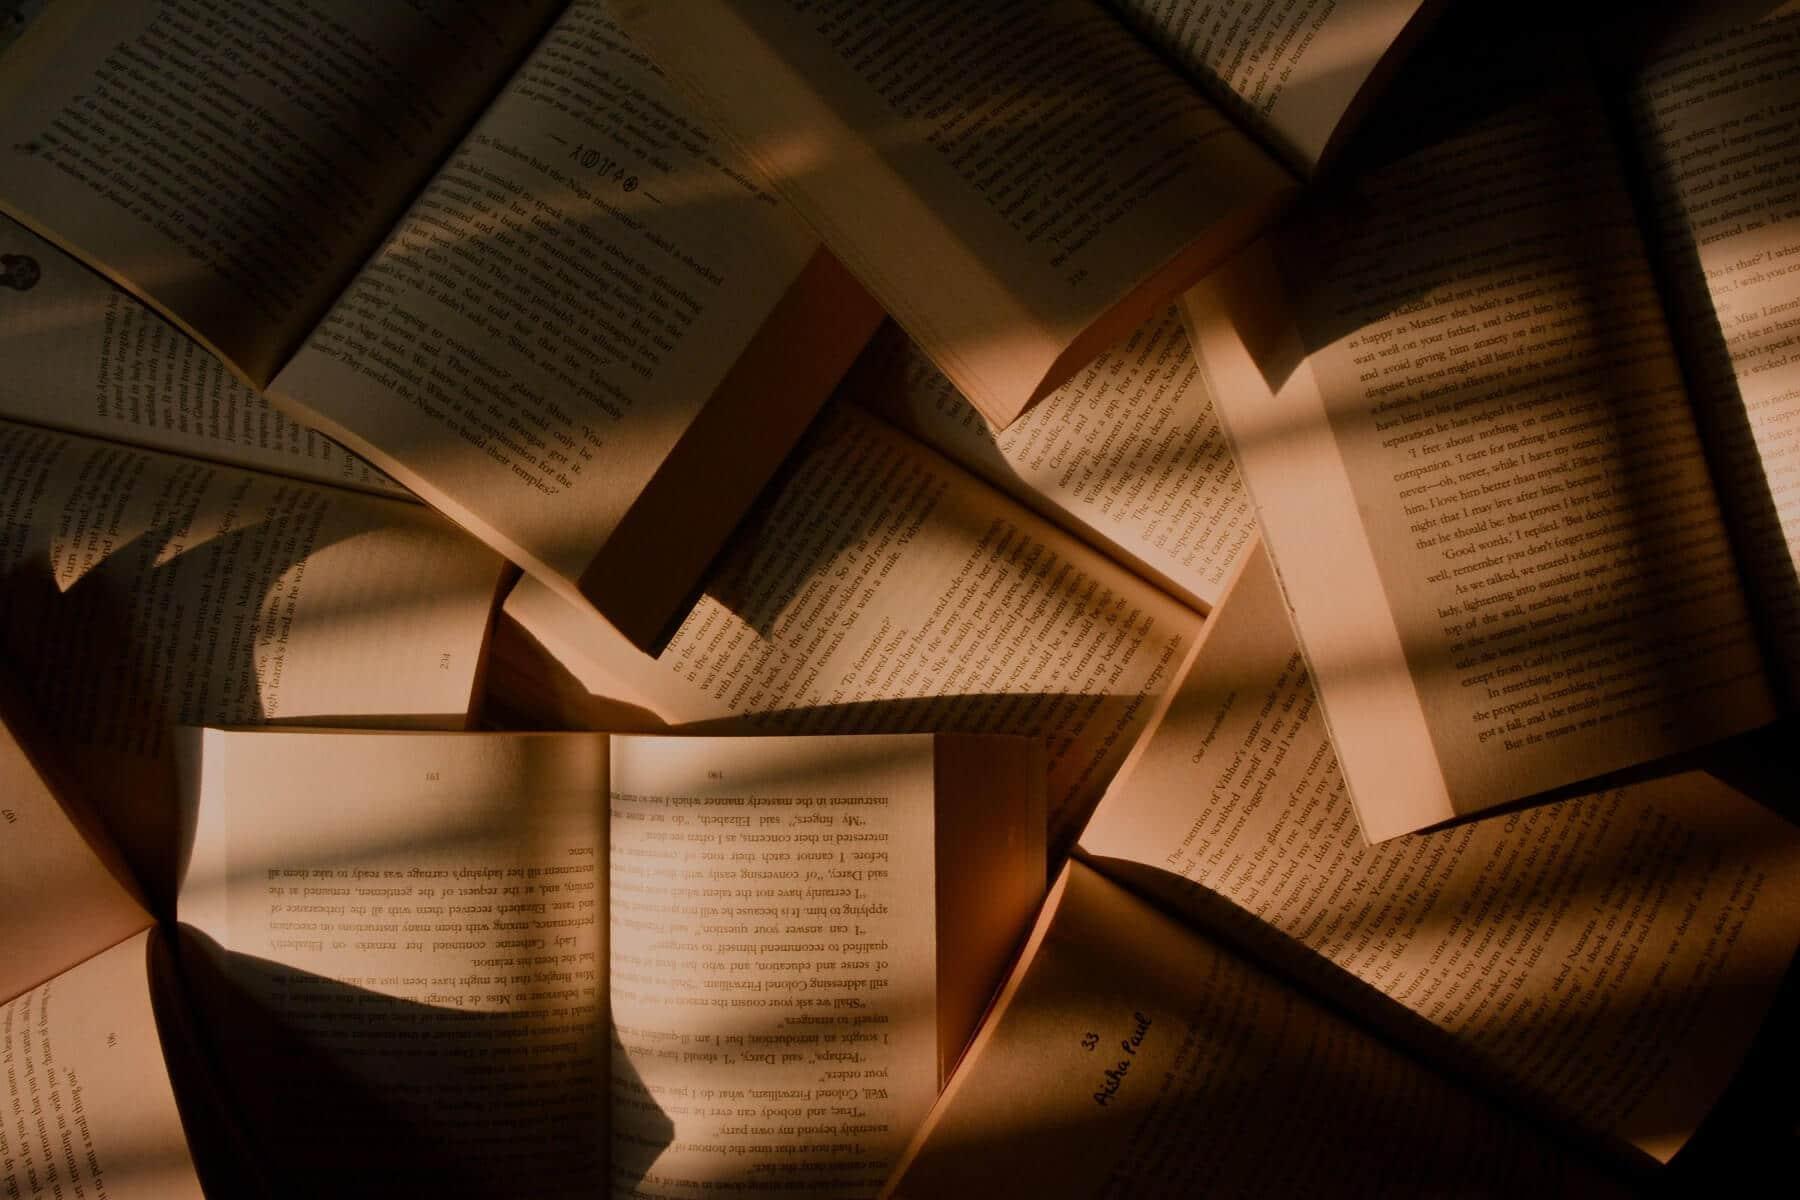 olvass több könyvet tippek